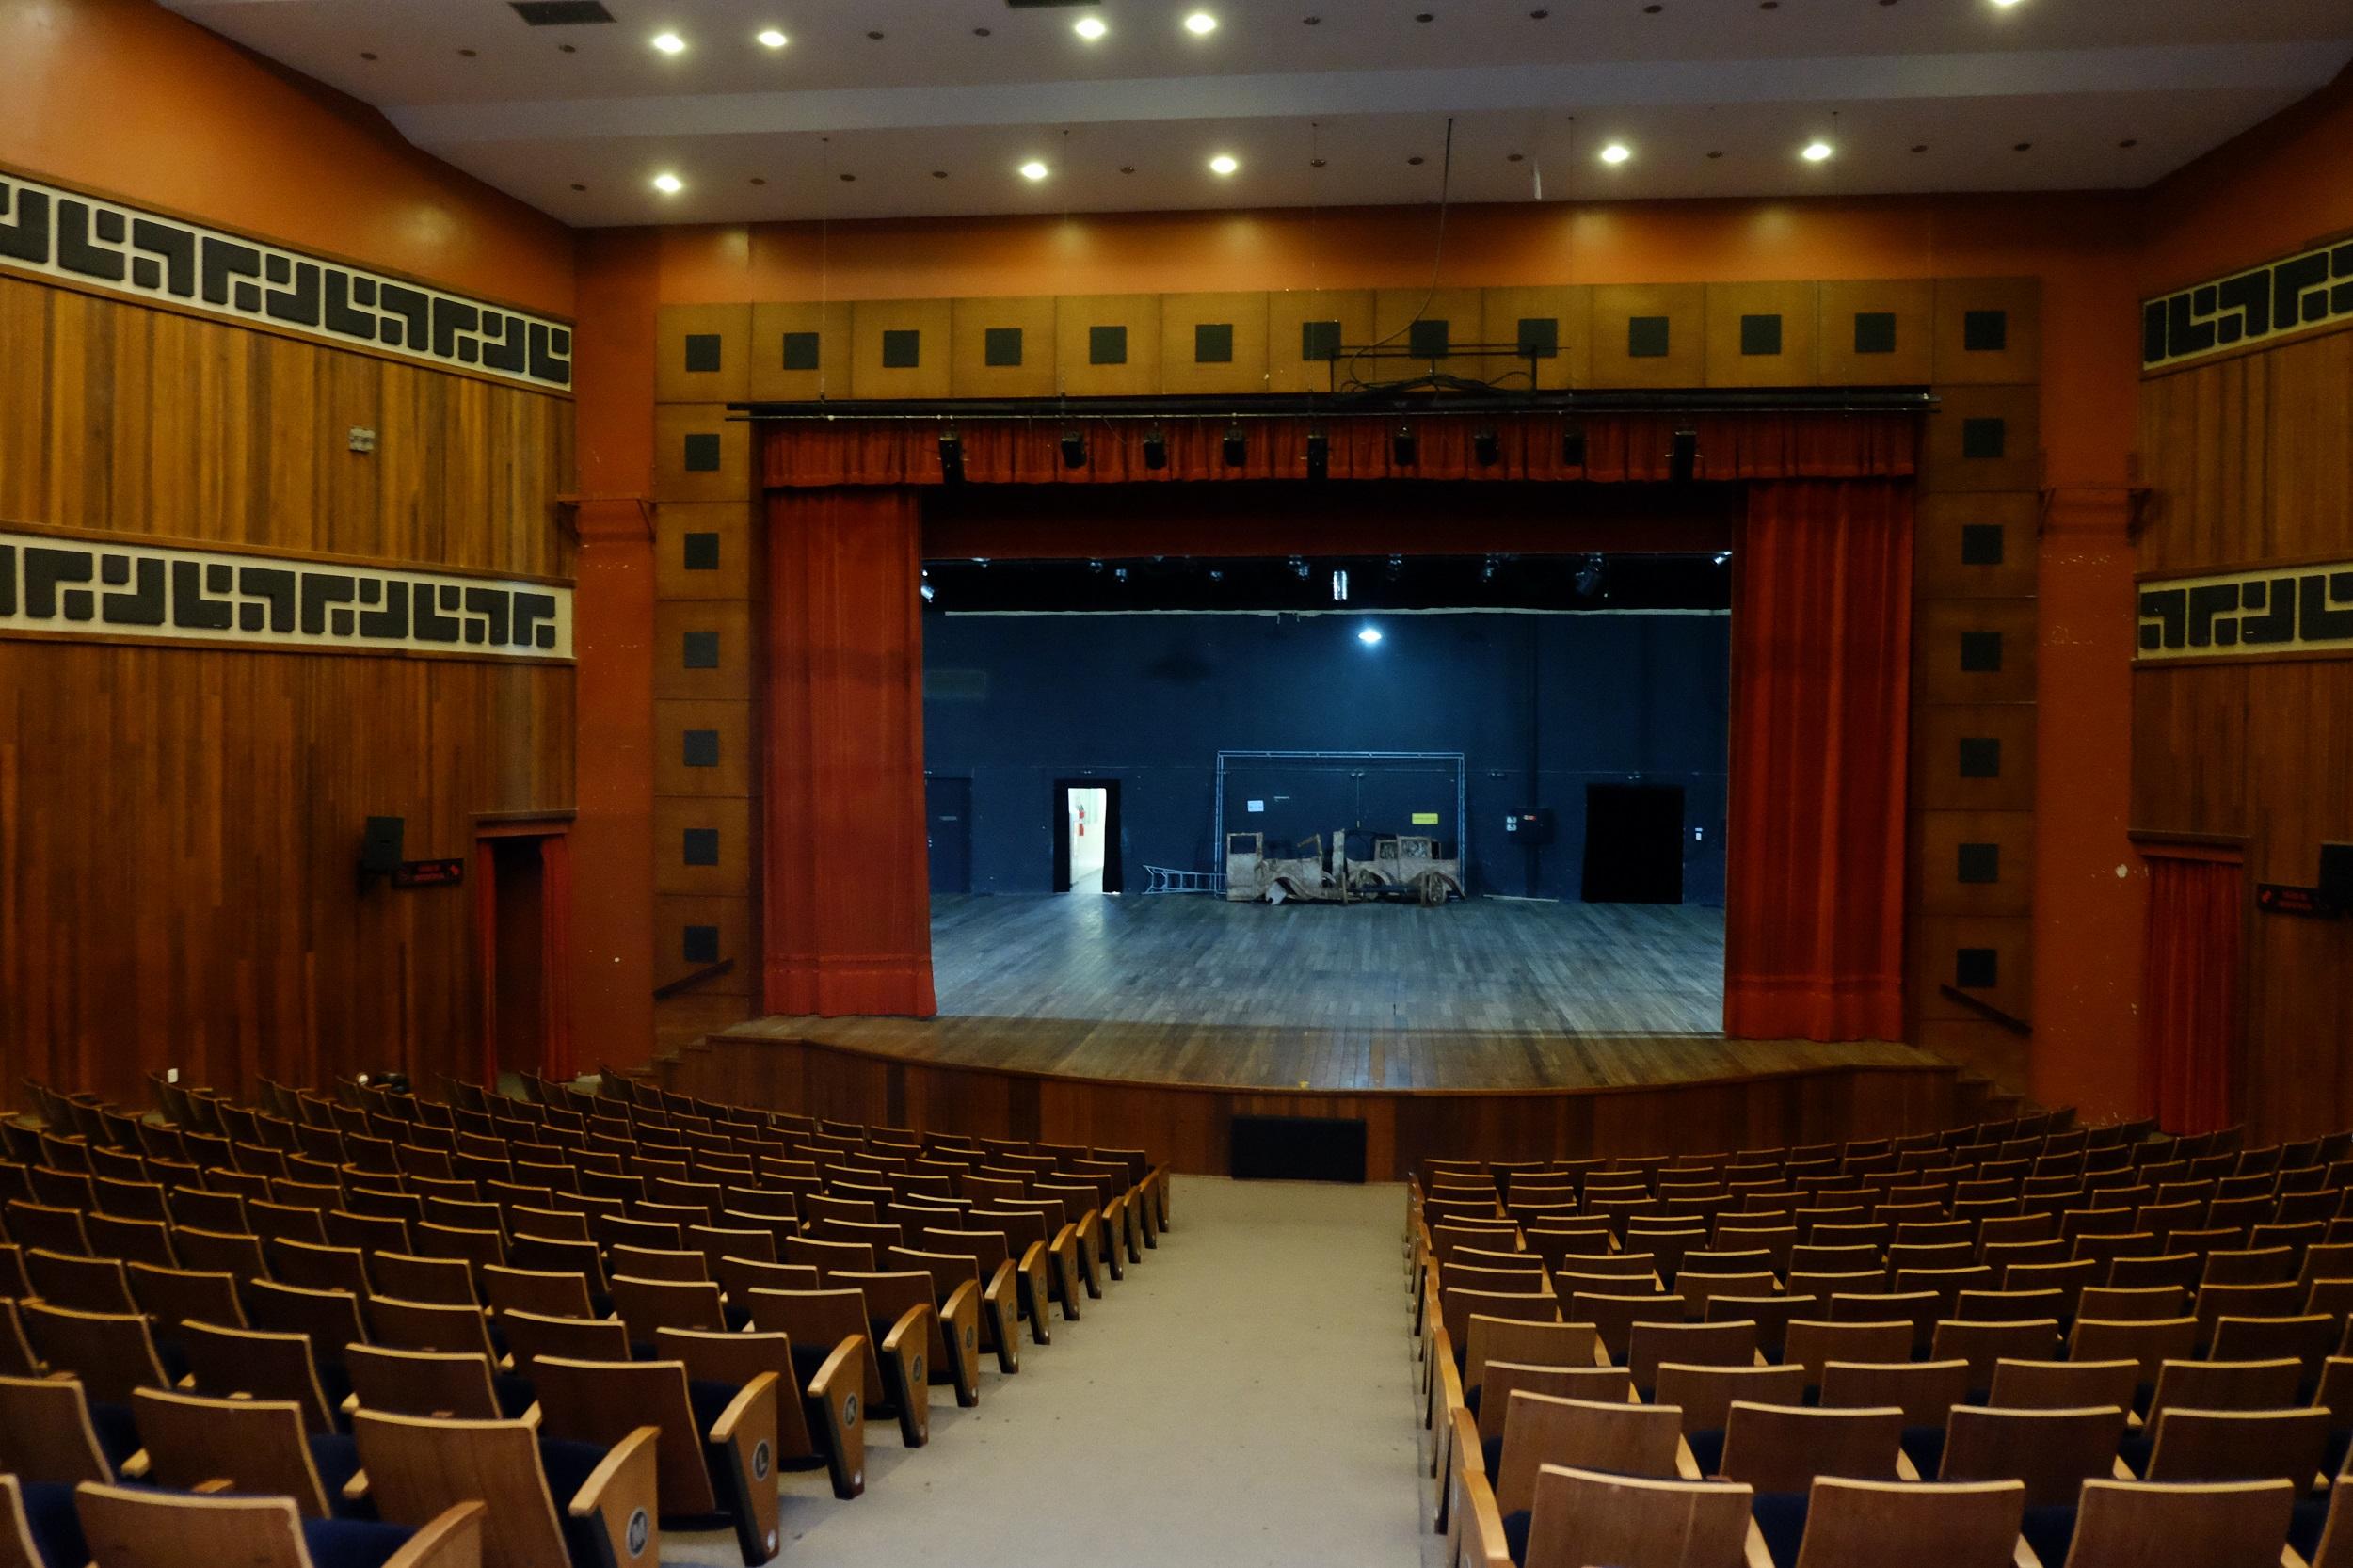 Teatro Municipal terá programação de eventos e espetáculos com público em setembro